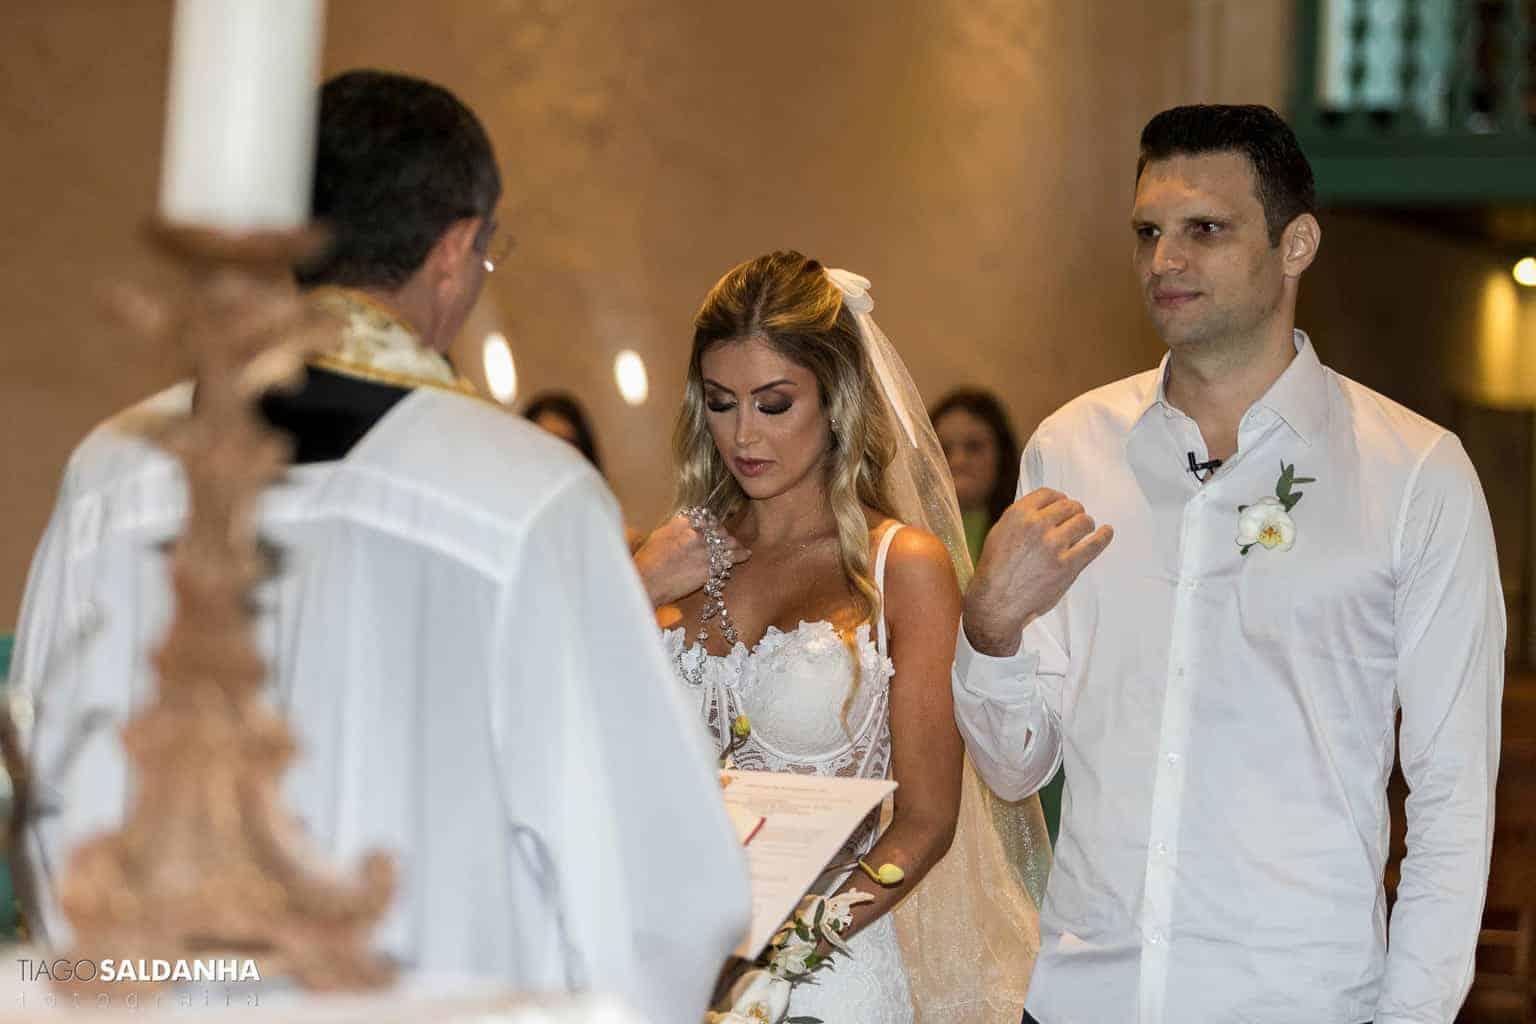 Casamento-Chandrélin-e-Laureano-cerimonia-na-igreja-Chan-e-Lau-foto-do-casal-Igreja-do-Quadrado-Trancoso2